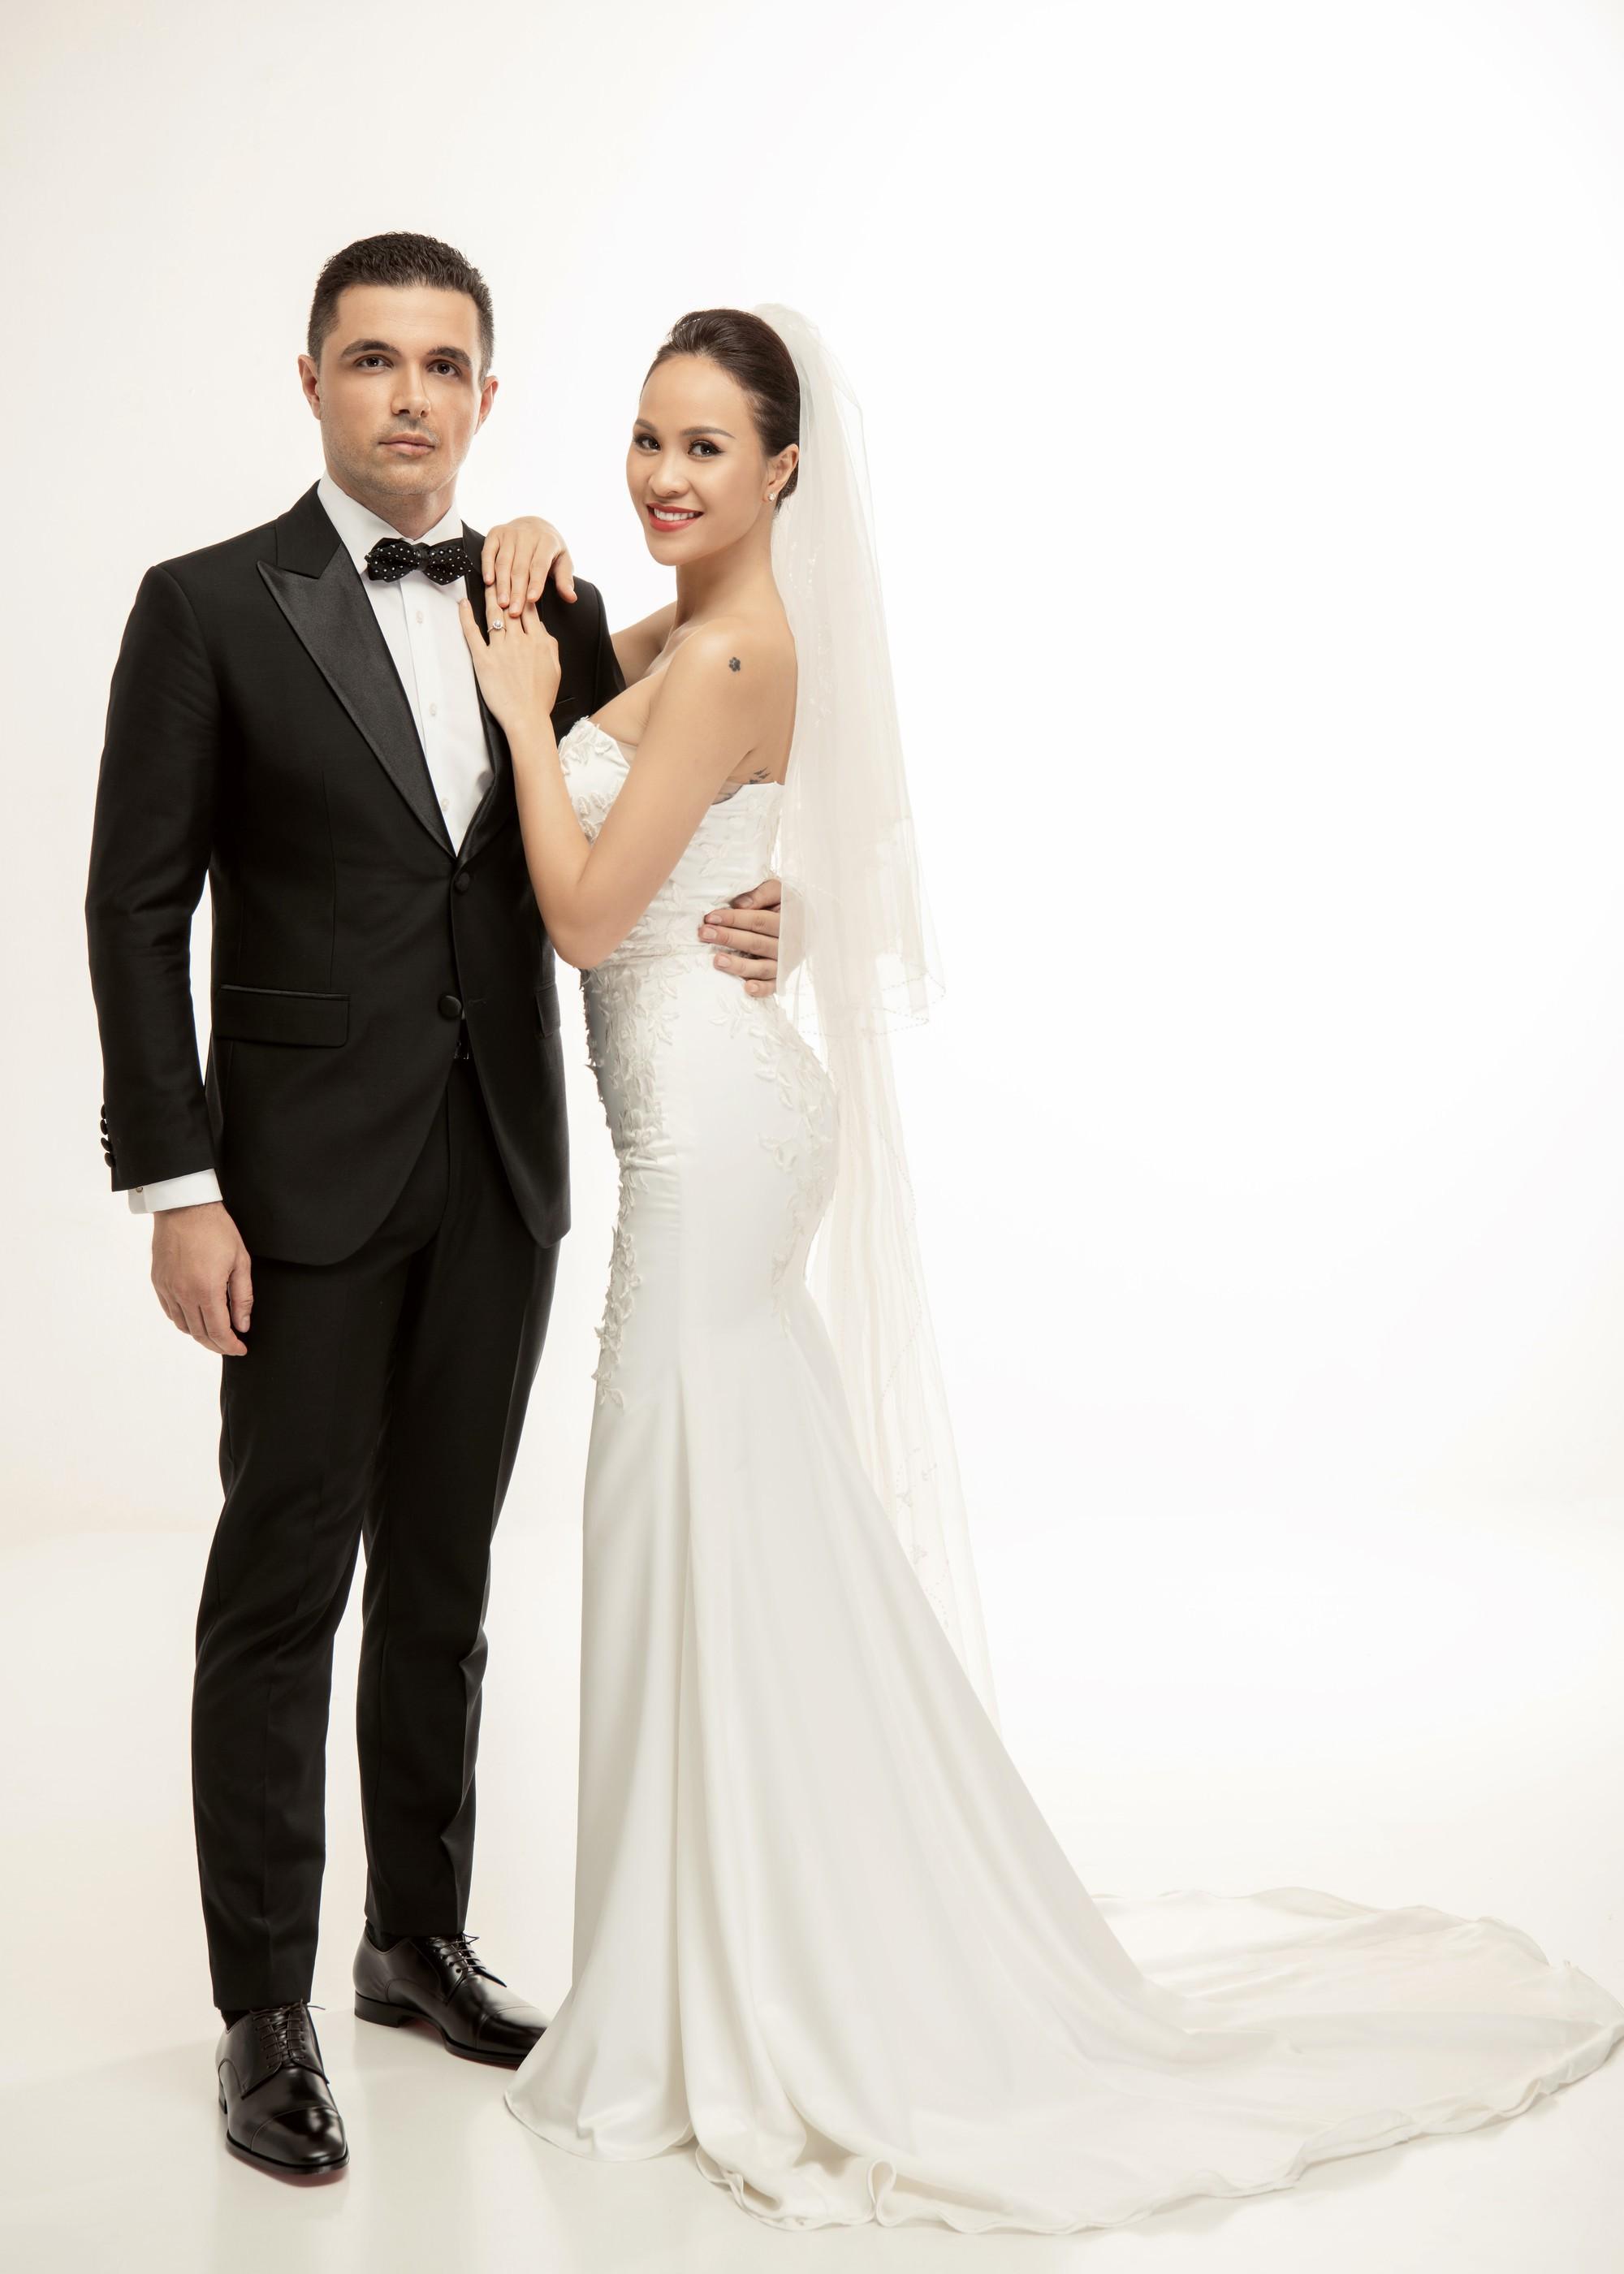 So kè váy cưới của 3 mỹ nhân Vbiz sắp về nhà chồng: Phí Linh nền nã, Phương Mai sexy nhưng bất ngờ nhất là Đàm Thu Trang - Ảnh 6.